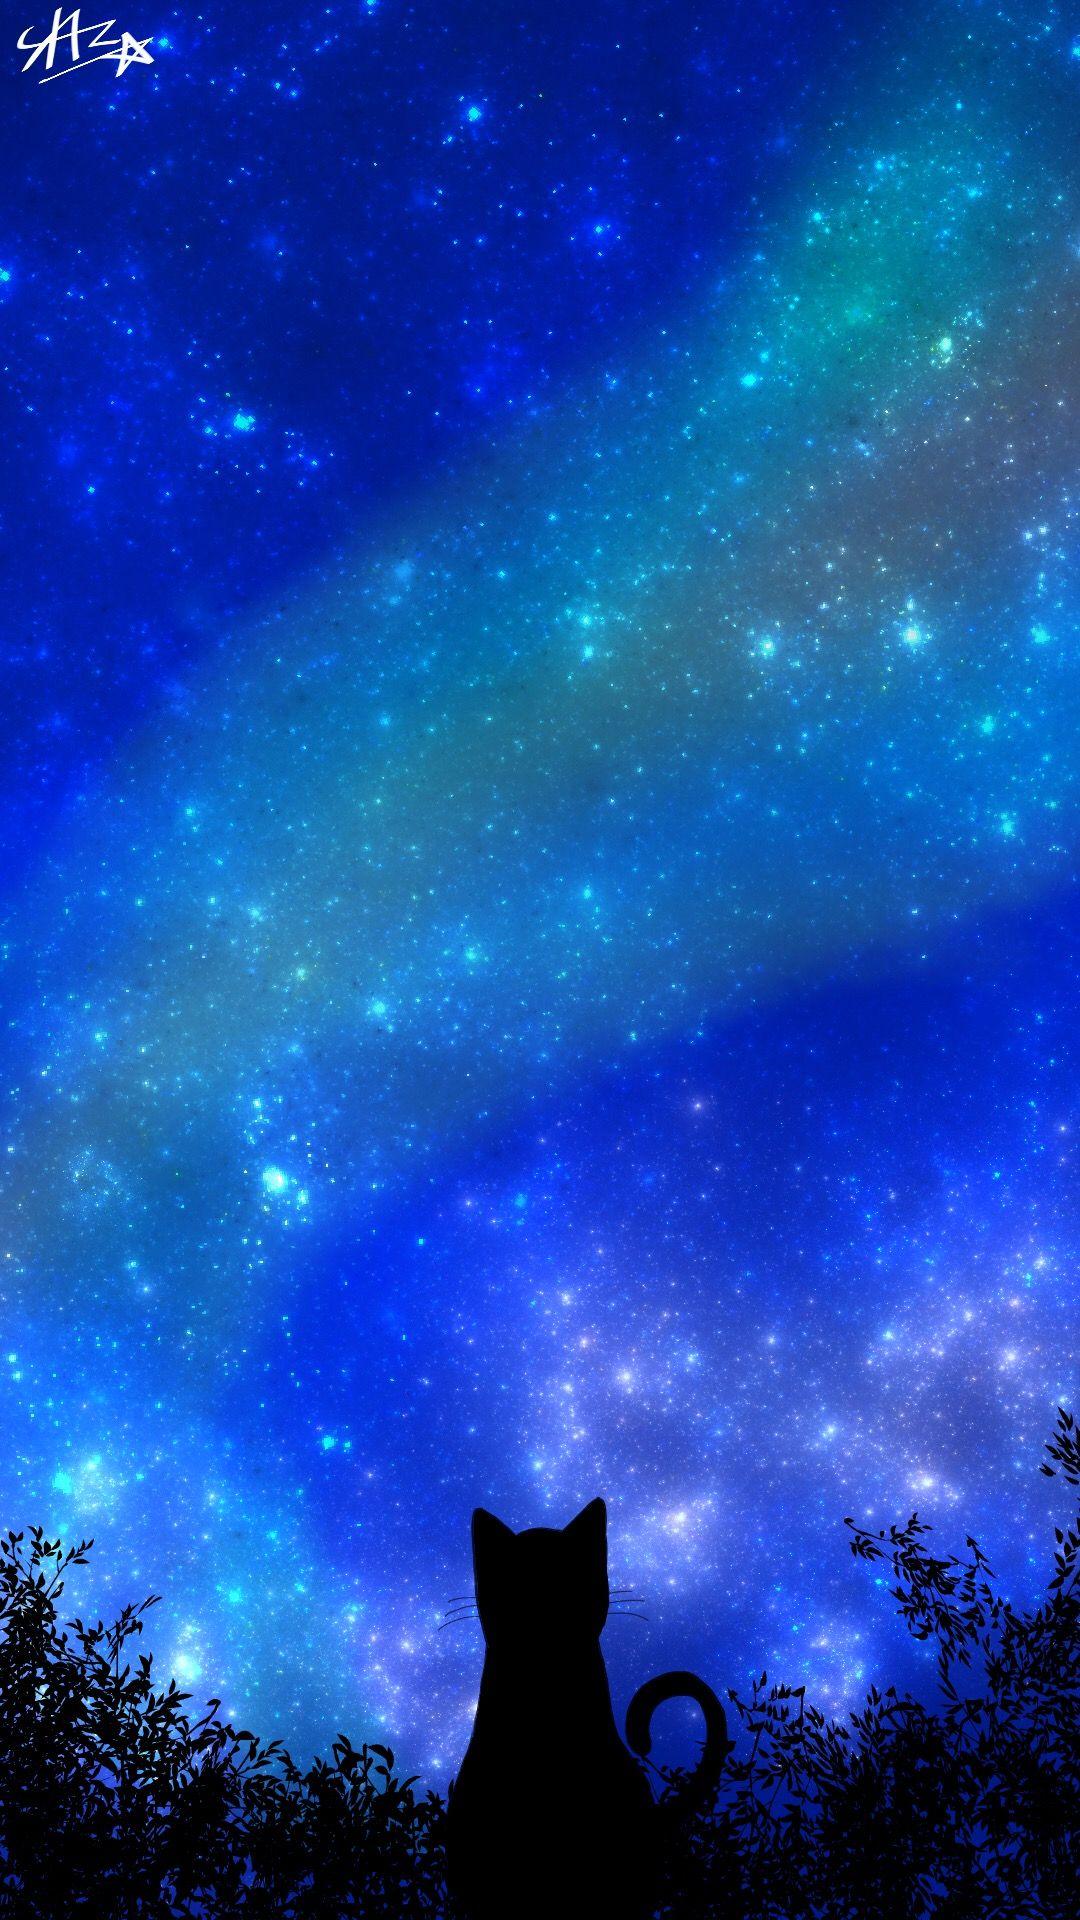 夜空と猫 壁紙 2020 星 壁紙 星空 イラスト 宇宙 壁紙